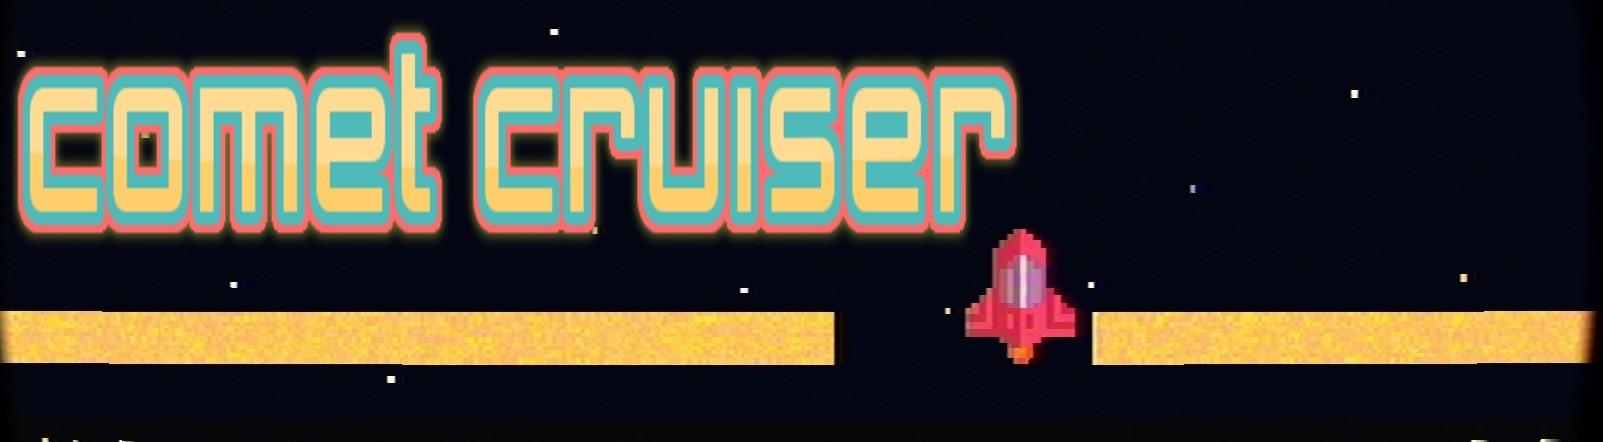 Comet Cruiser